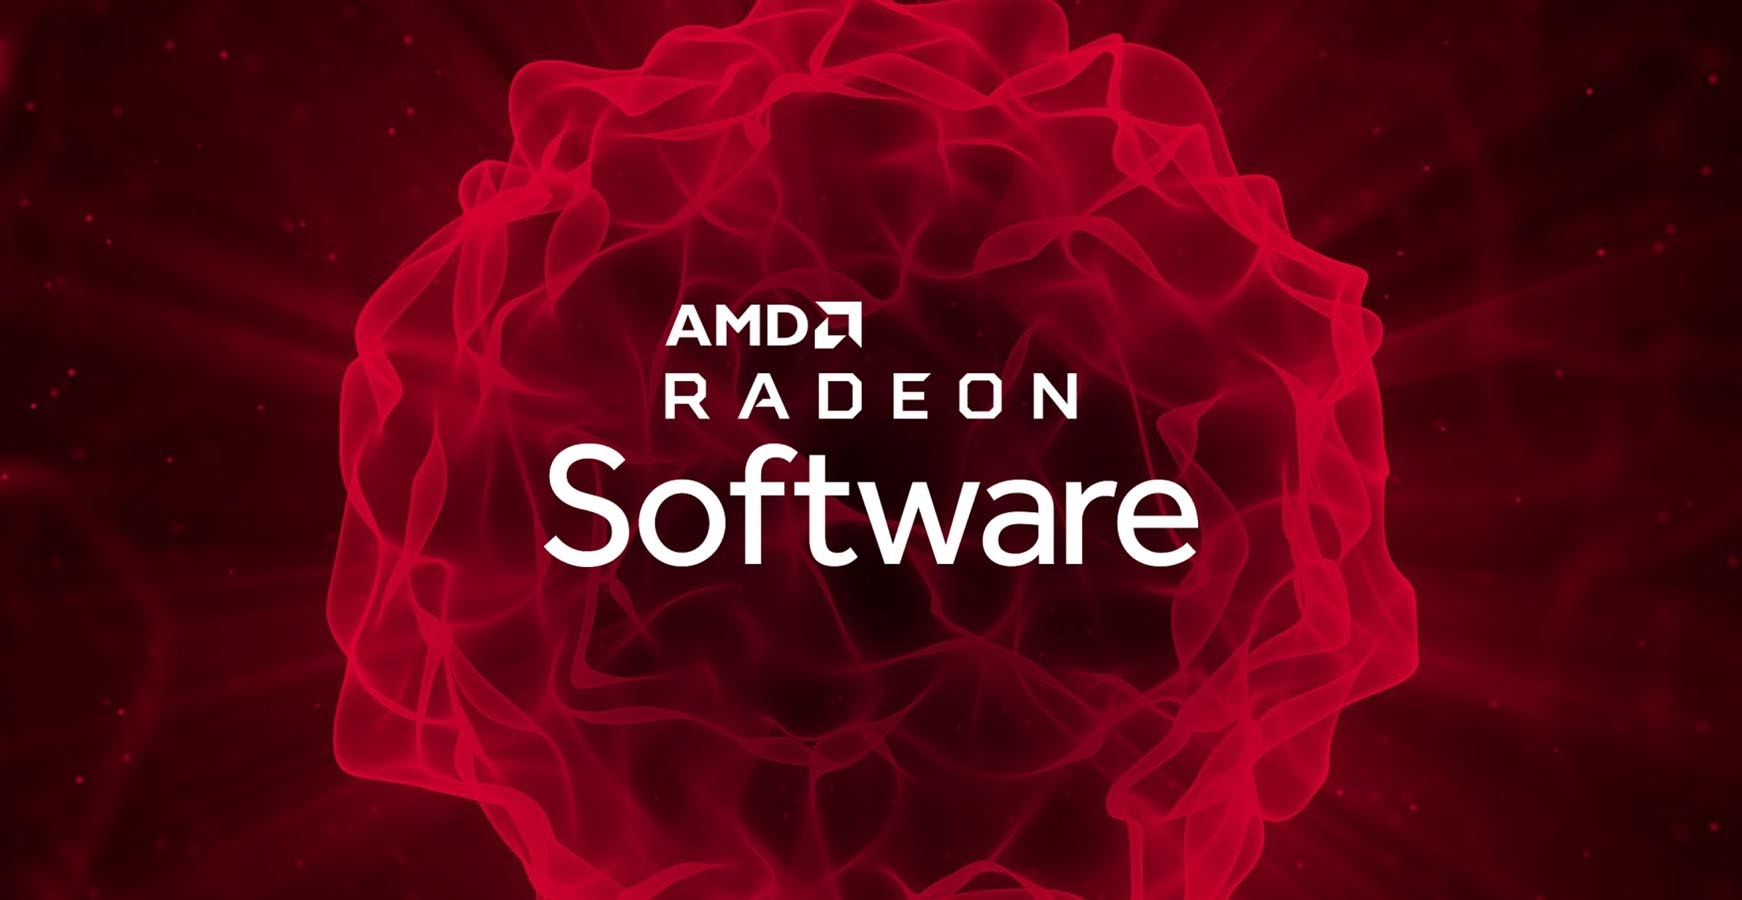 Desata todo el poder de las GPU AMD Radeon™ con el nuevo software AMD Radeon™ Adrenalin 2019 Edition